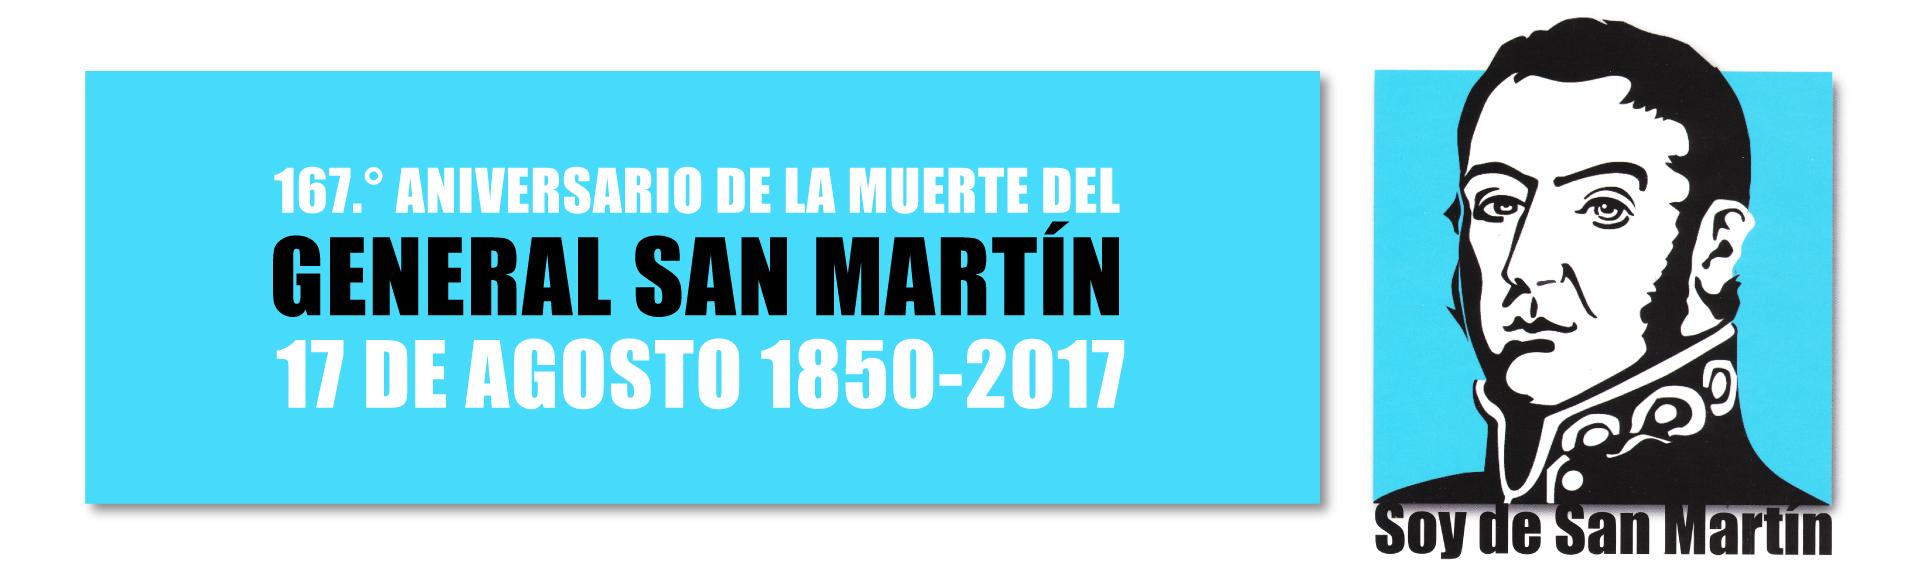 Aniversario San Martín